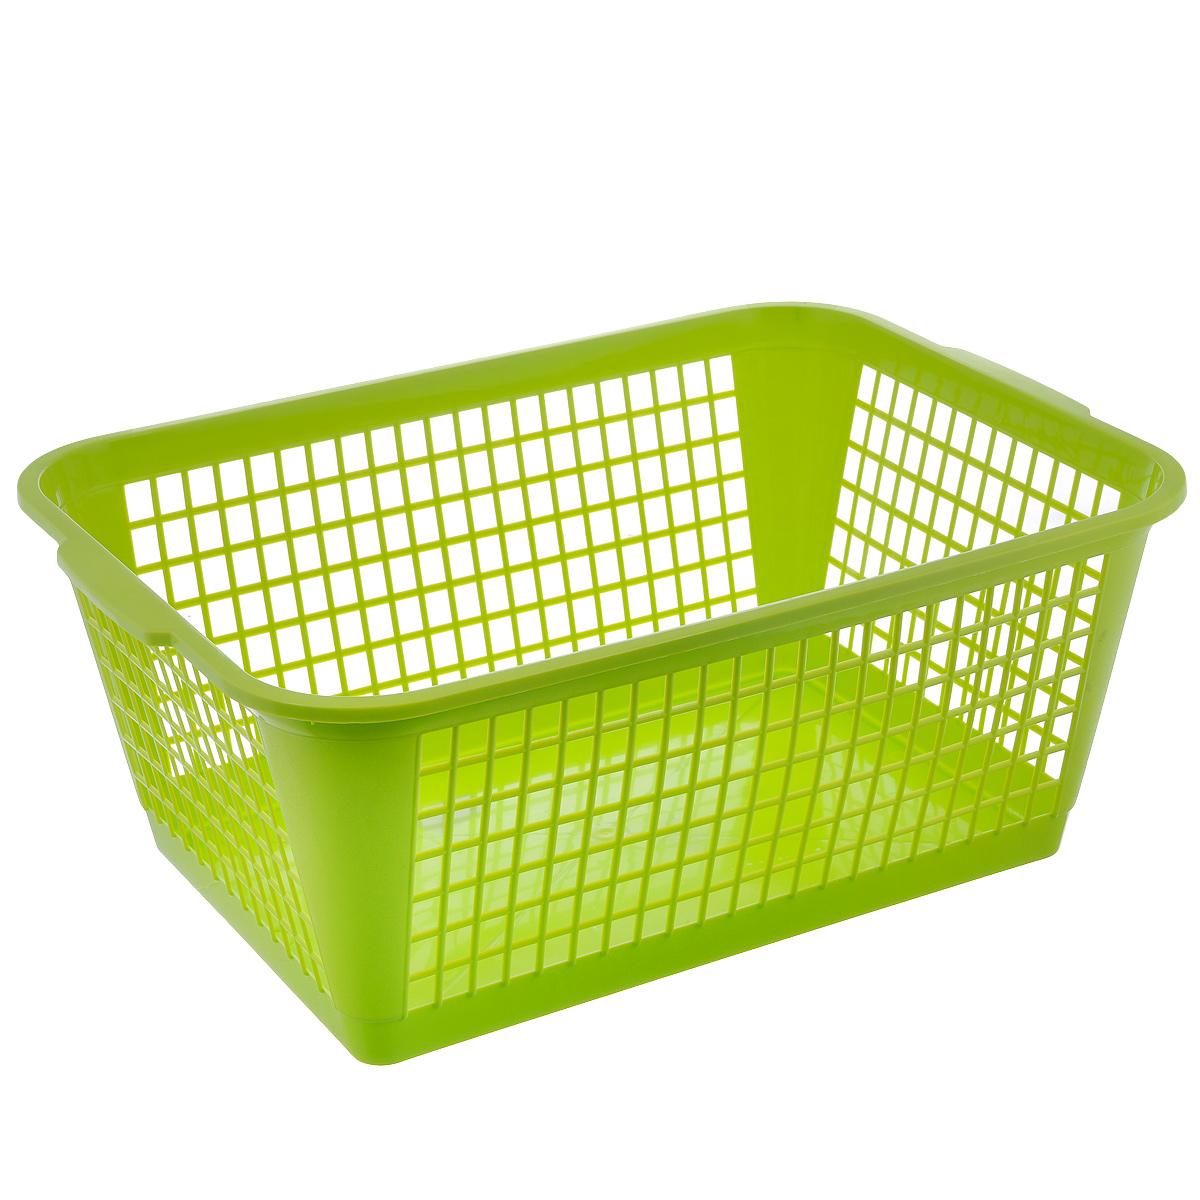 Корзина Gensini, цвет: салатовый, 50 л3309_салатовыйУниверсальная корзина Gensini, выполненная из полипропилена, предназначена для хранения мелочей в ванной, на кухне, даче или гараже. Позволяет хранить мелкие вещи, исключая возможность их потери. Легкая воздушная корзина с жесткой кромкой, с узором из отверстий в форме прямоугольников.